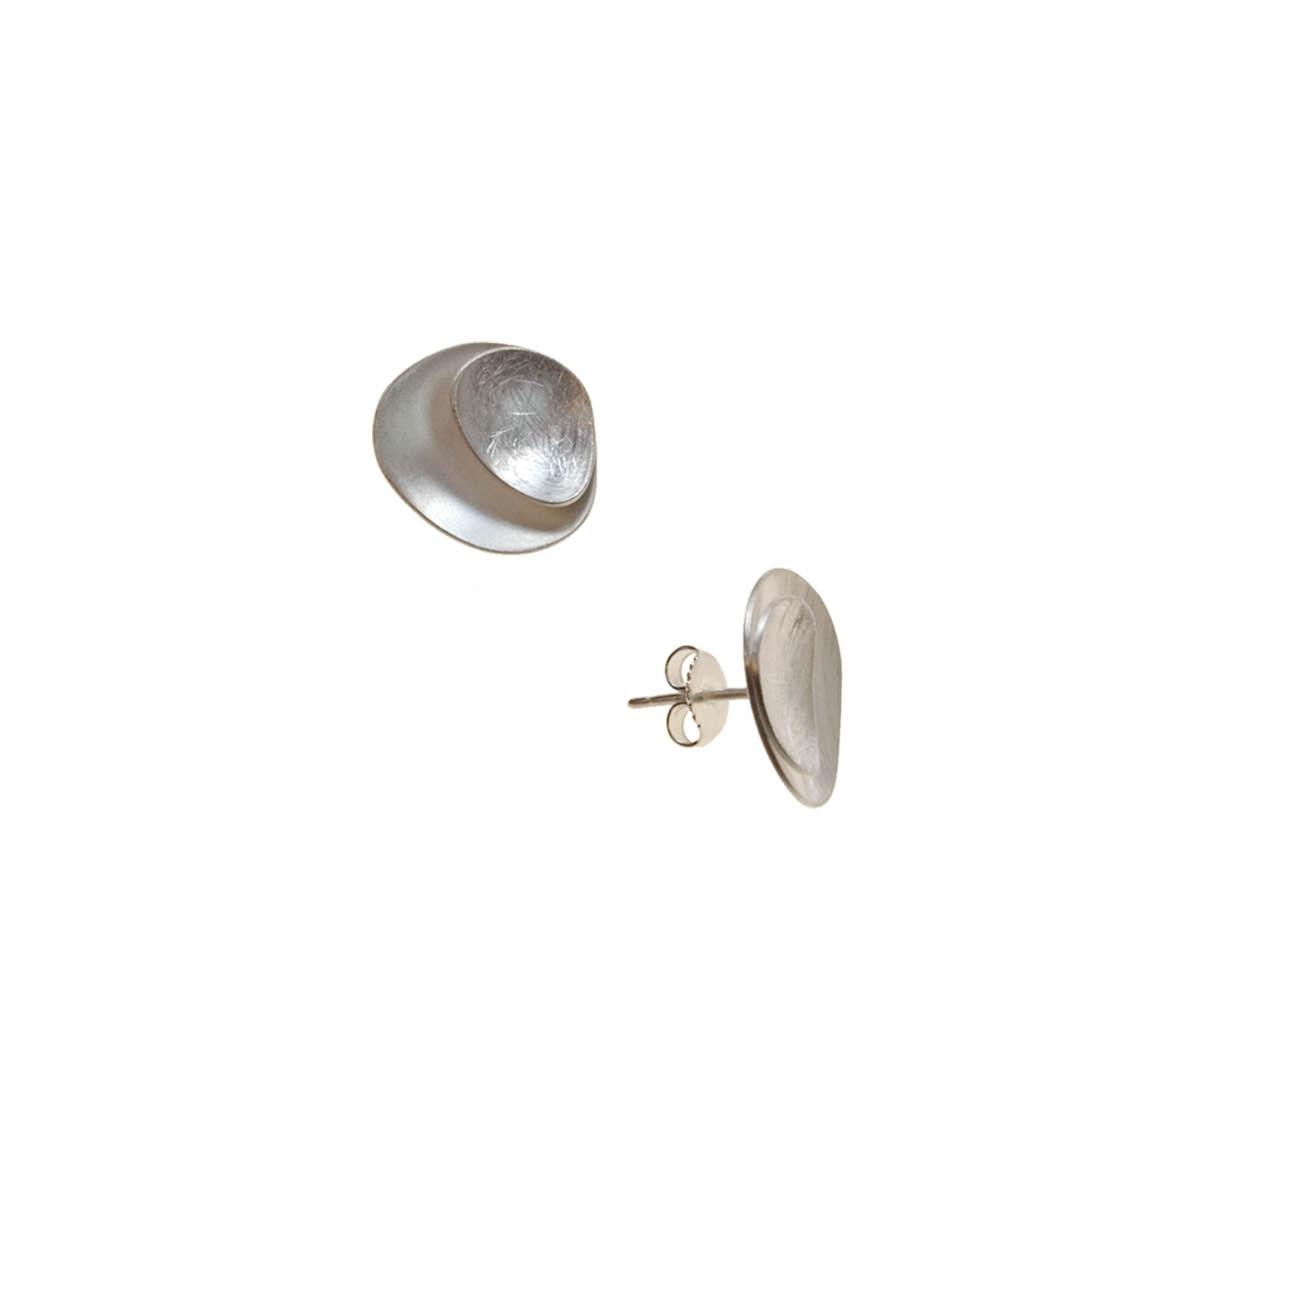 Tezer Sterling Silver Double Disk Earring